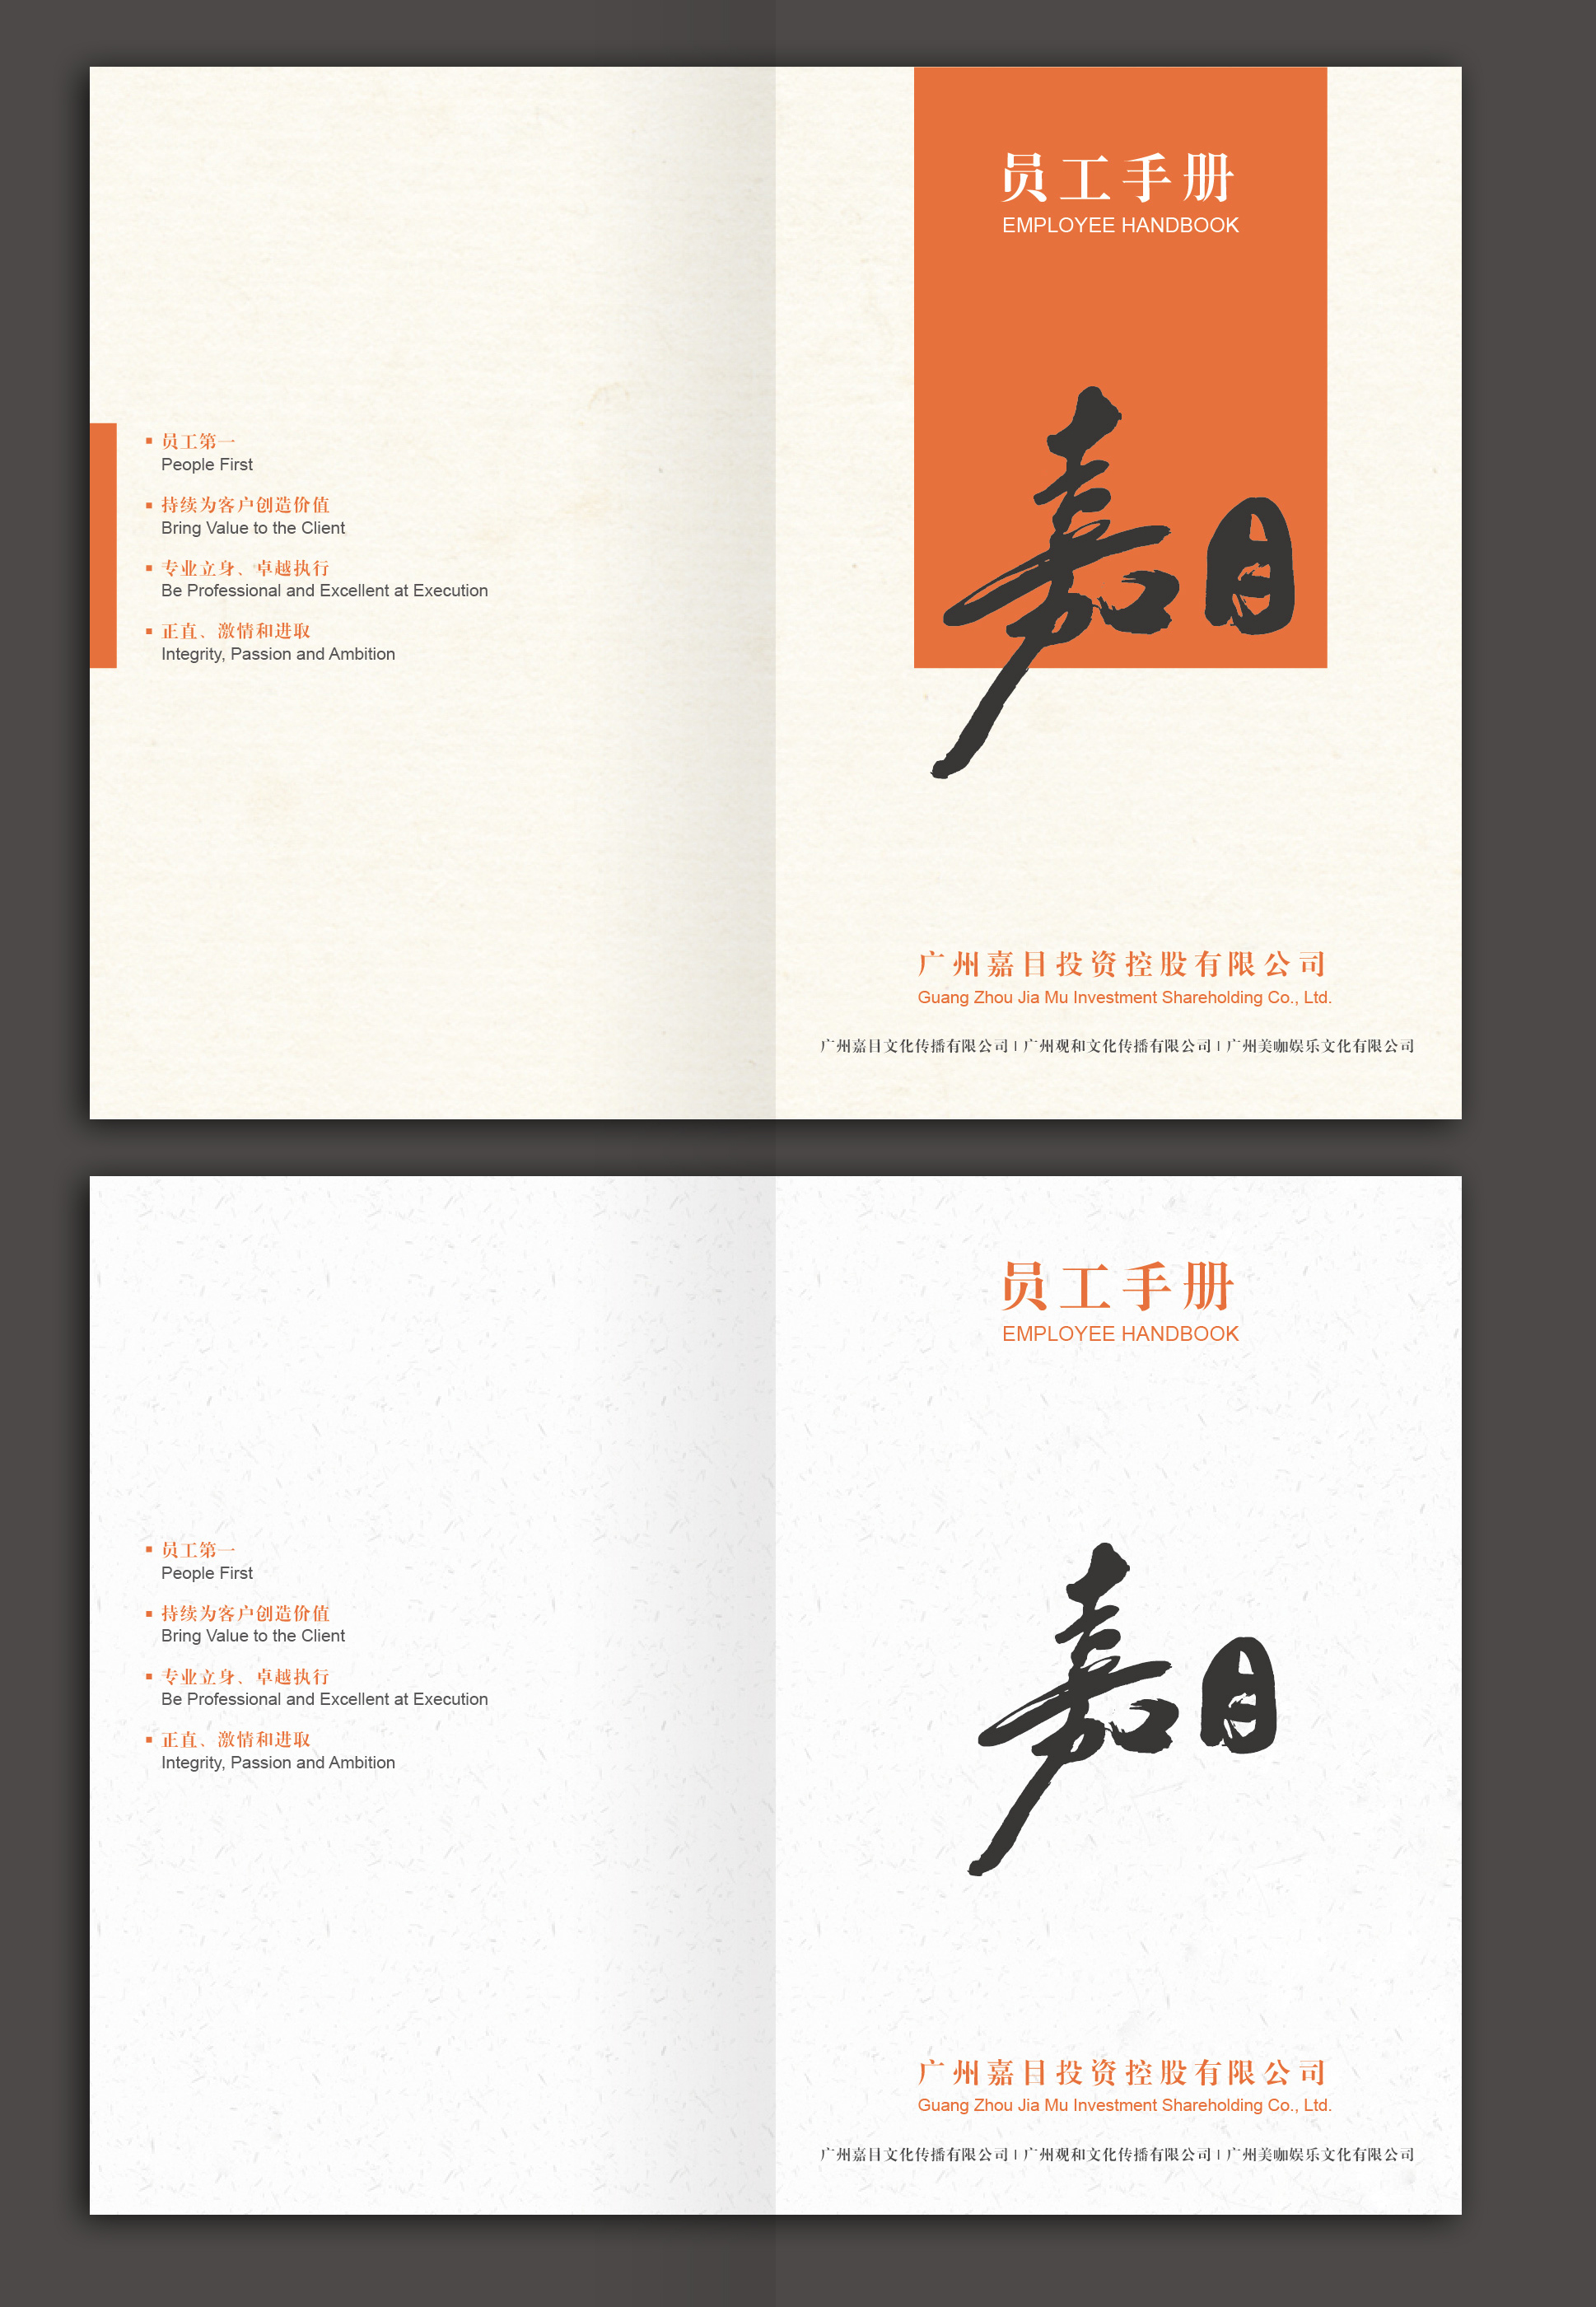 员工手册封面封底设计及效果图展示图片